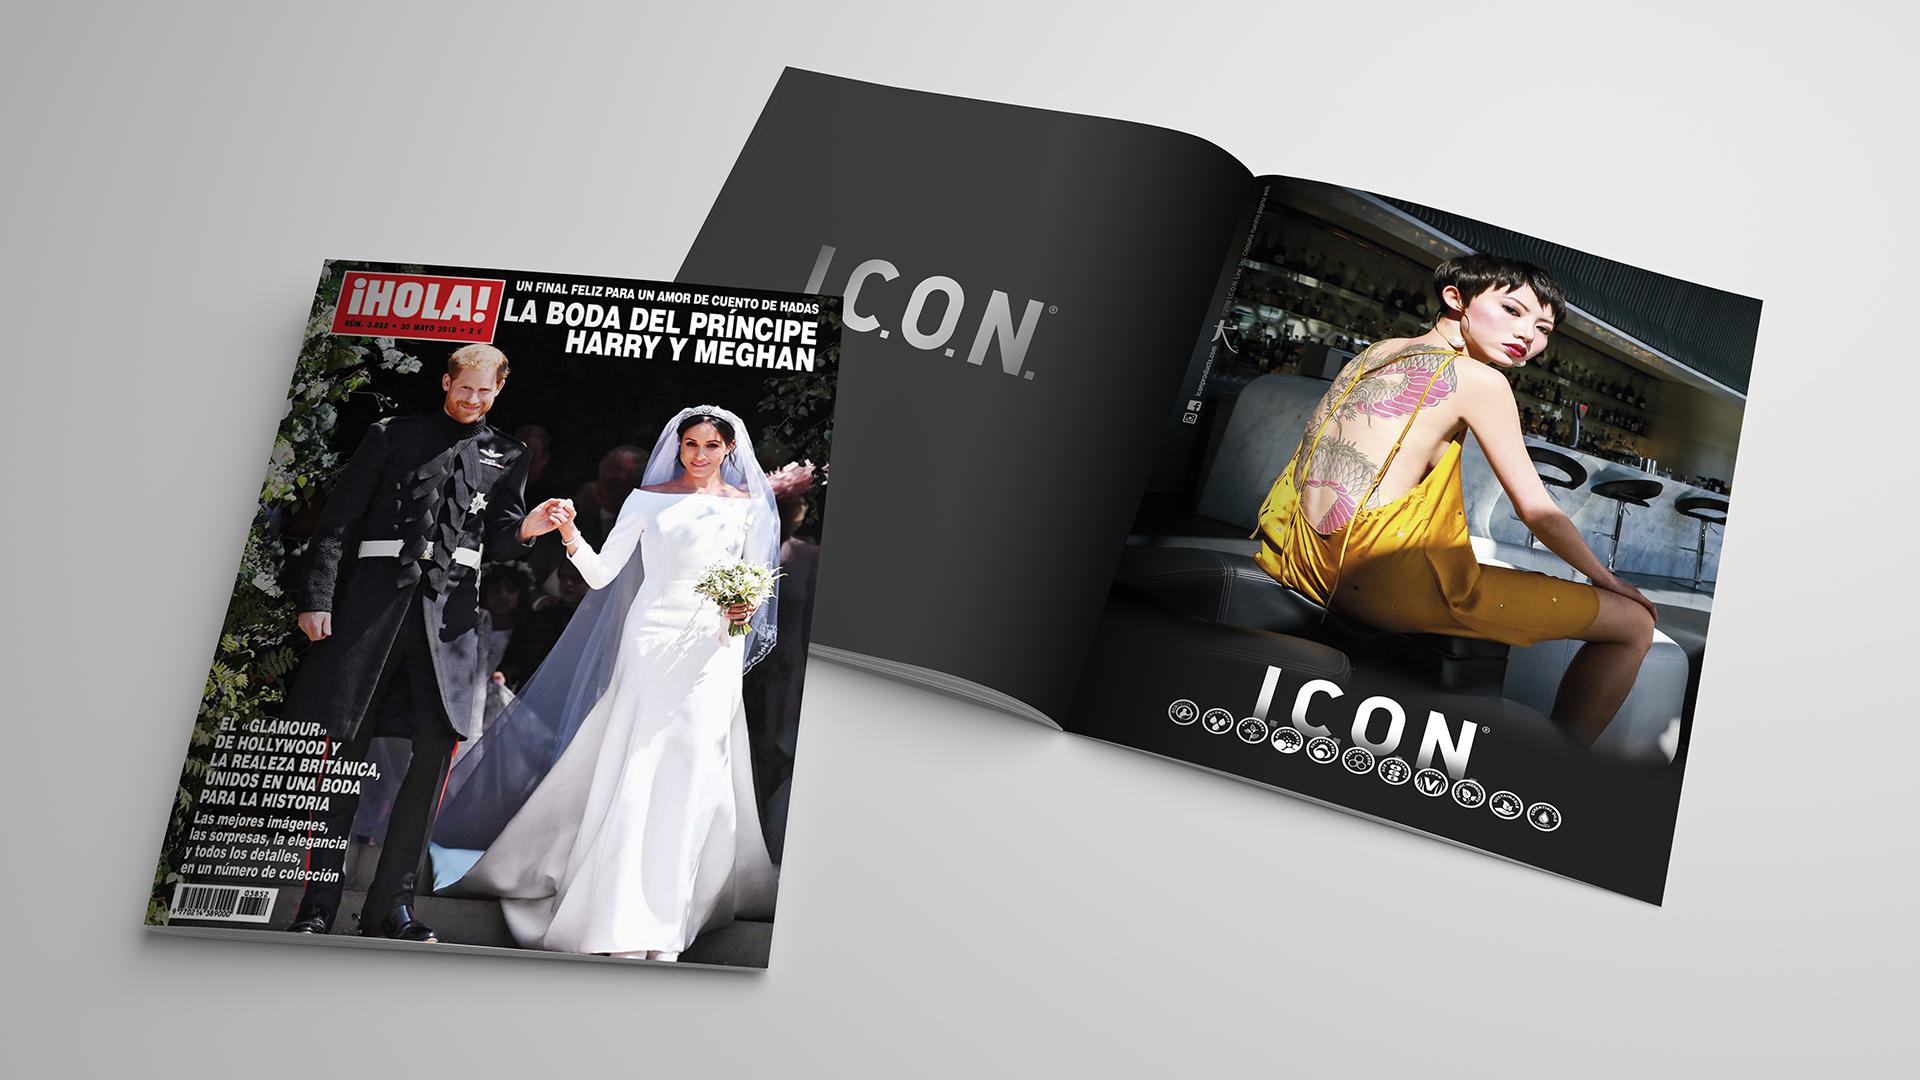 I.C.O.N. en la revista ¡Hola!